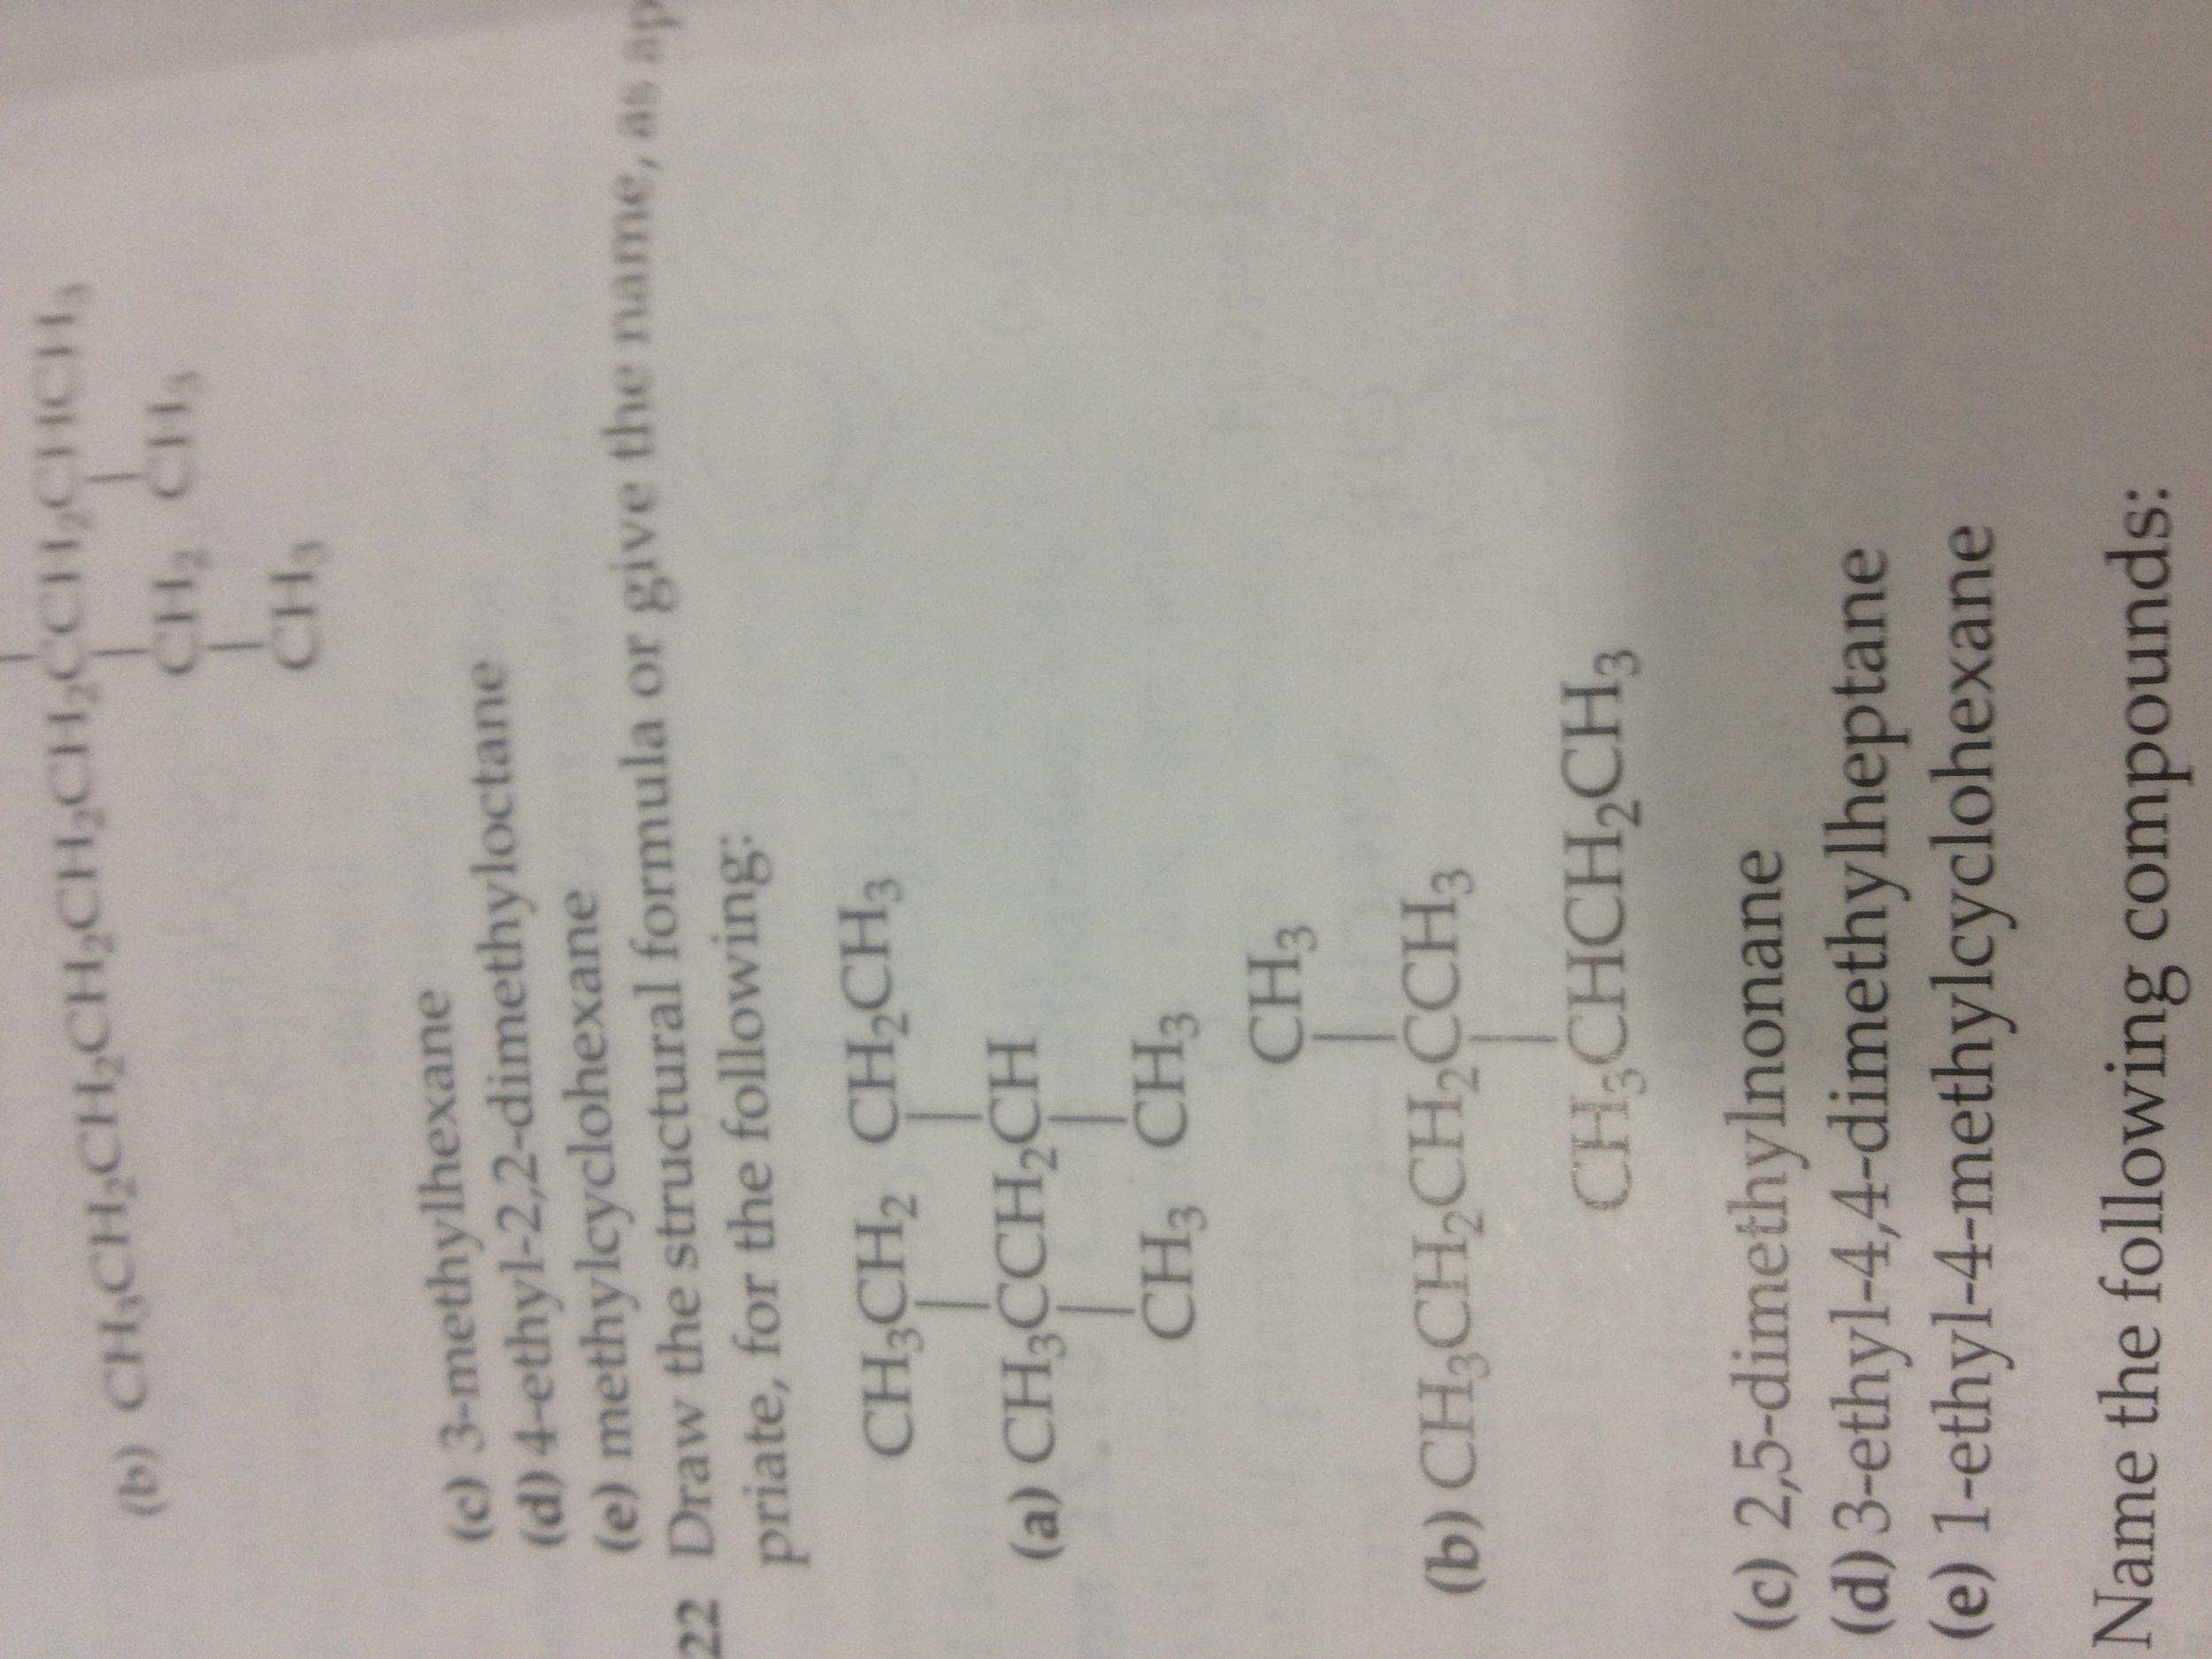 Solved: 3-methylhexane 4-ethyl-2,2-dimethyloctane Methylcy ...